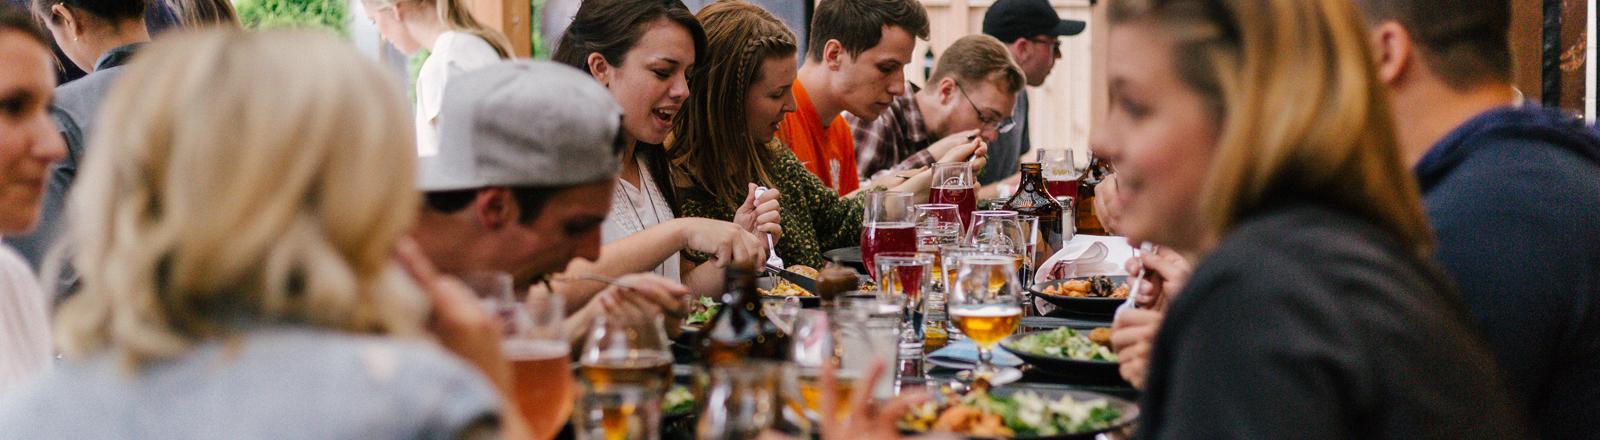 Menschen am Essenstisch